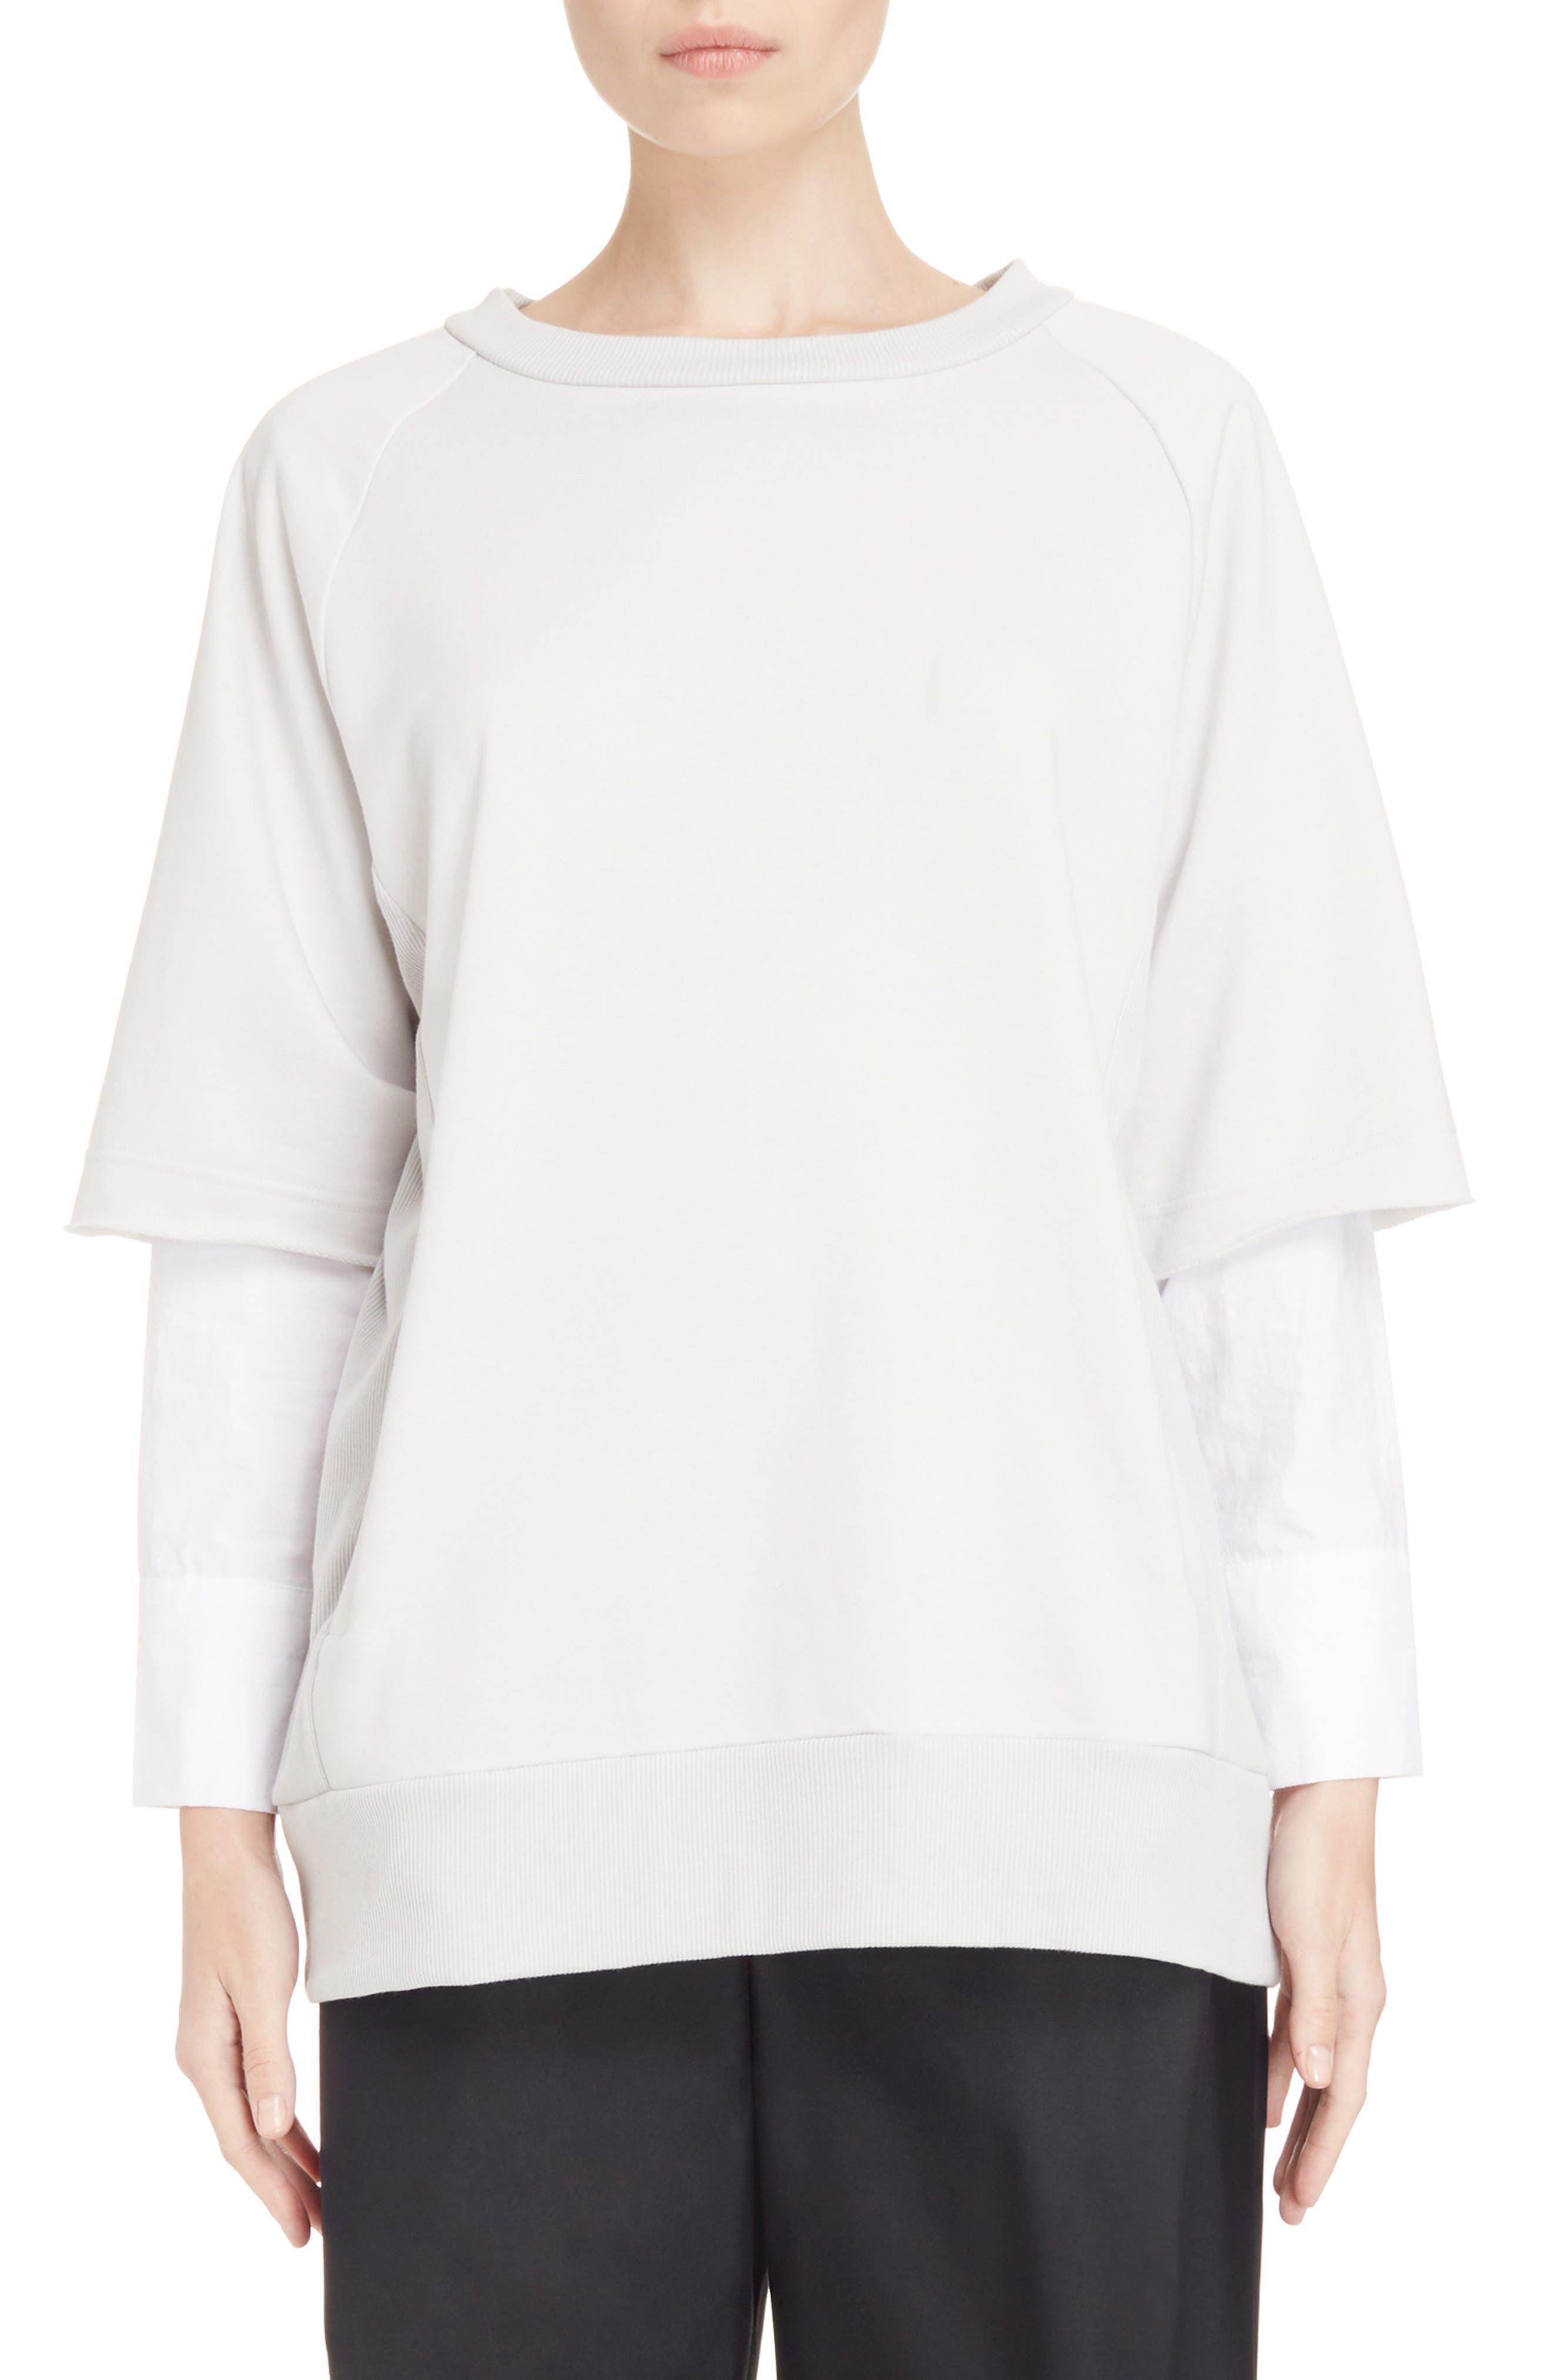 Alternate Image 1 Selected - Y's by Yohji Yamamoto Double Sleeve Sweatshirt